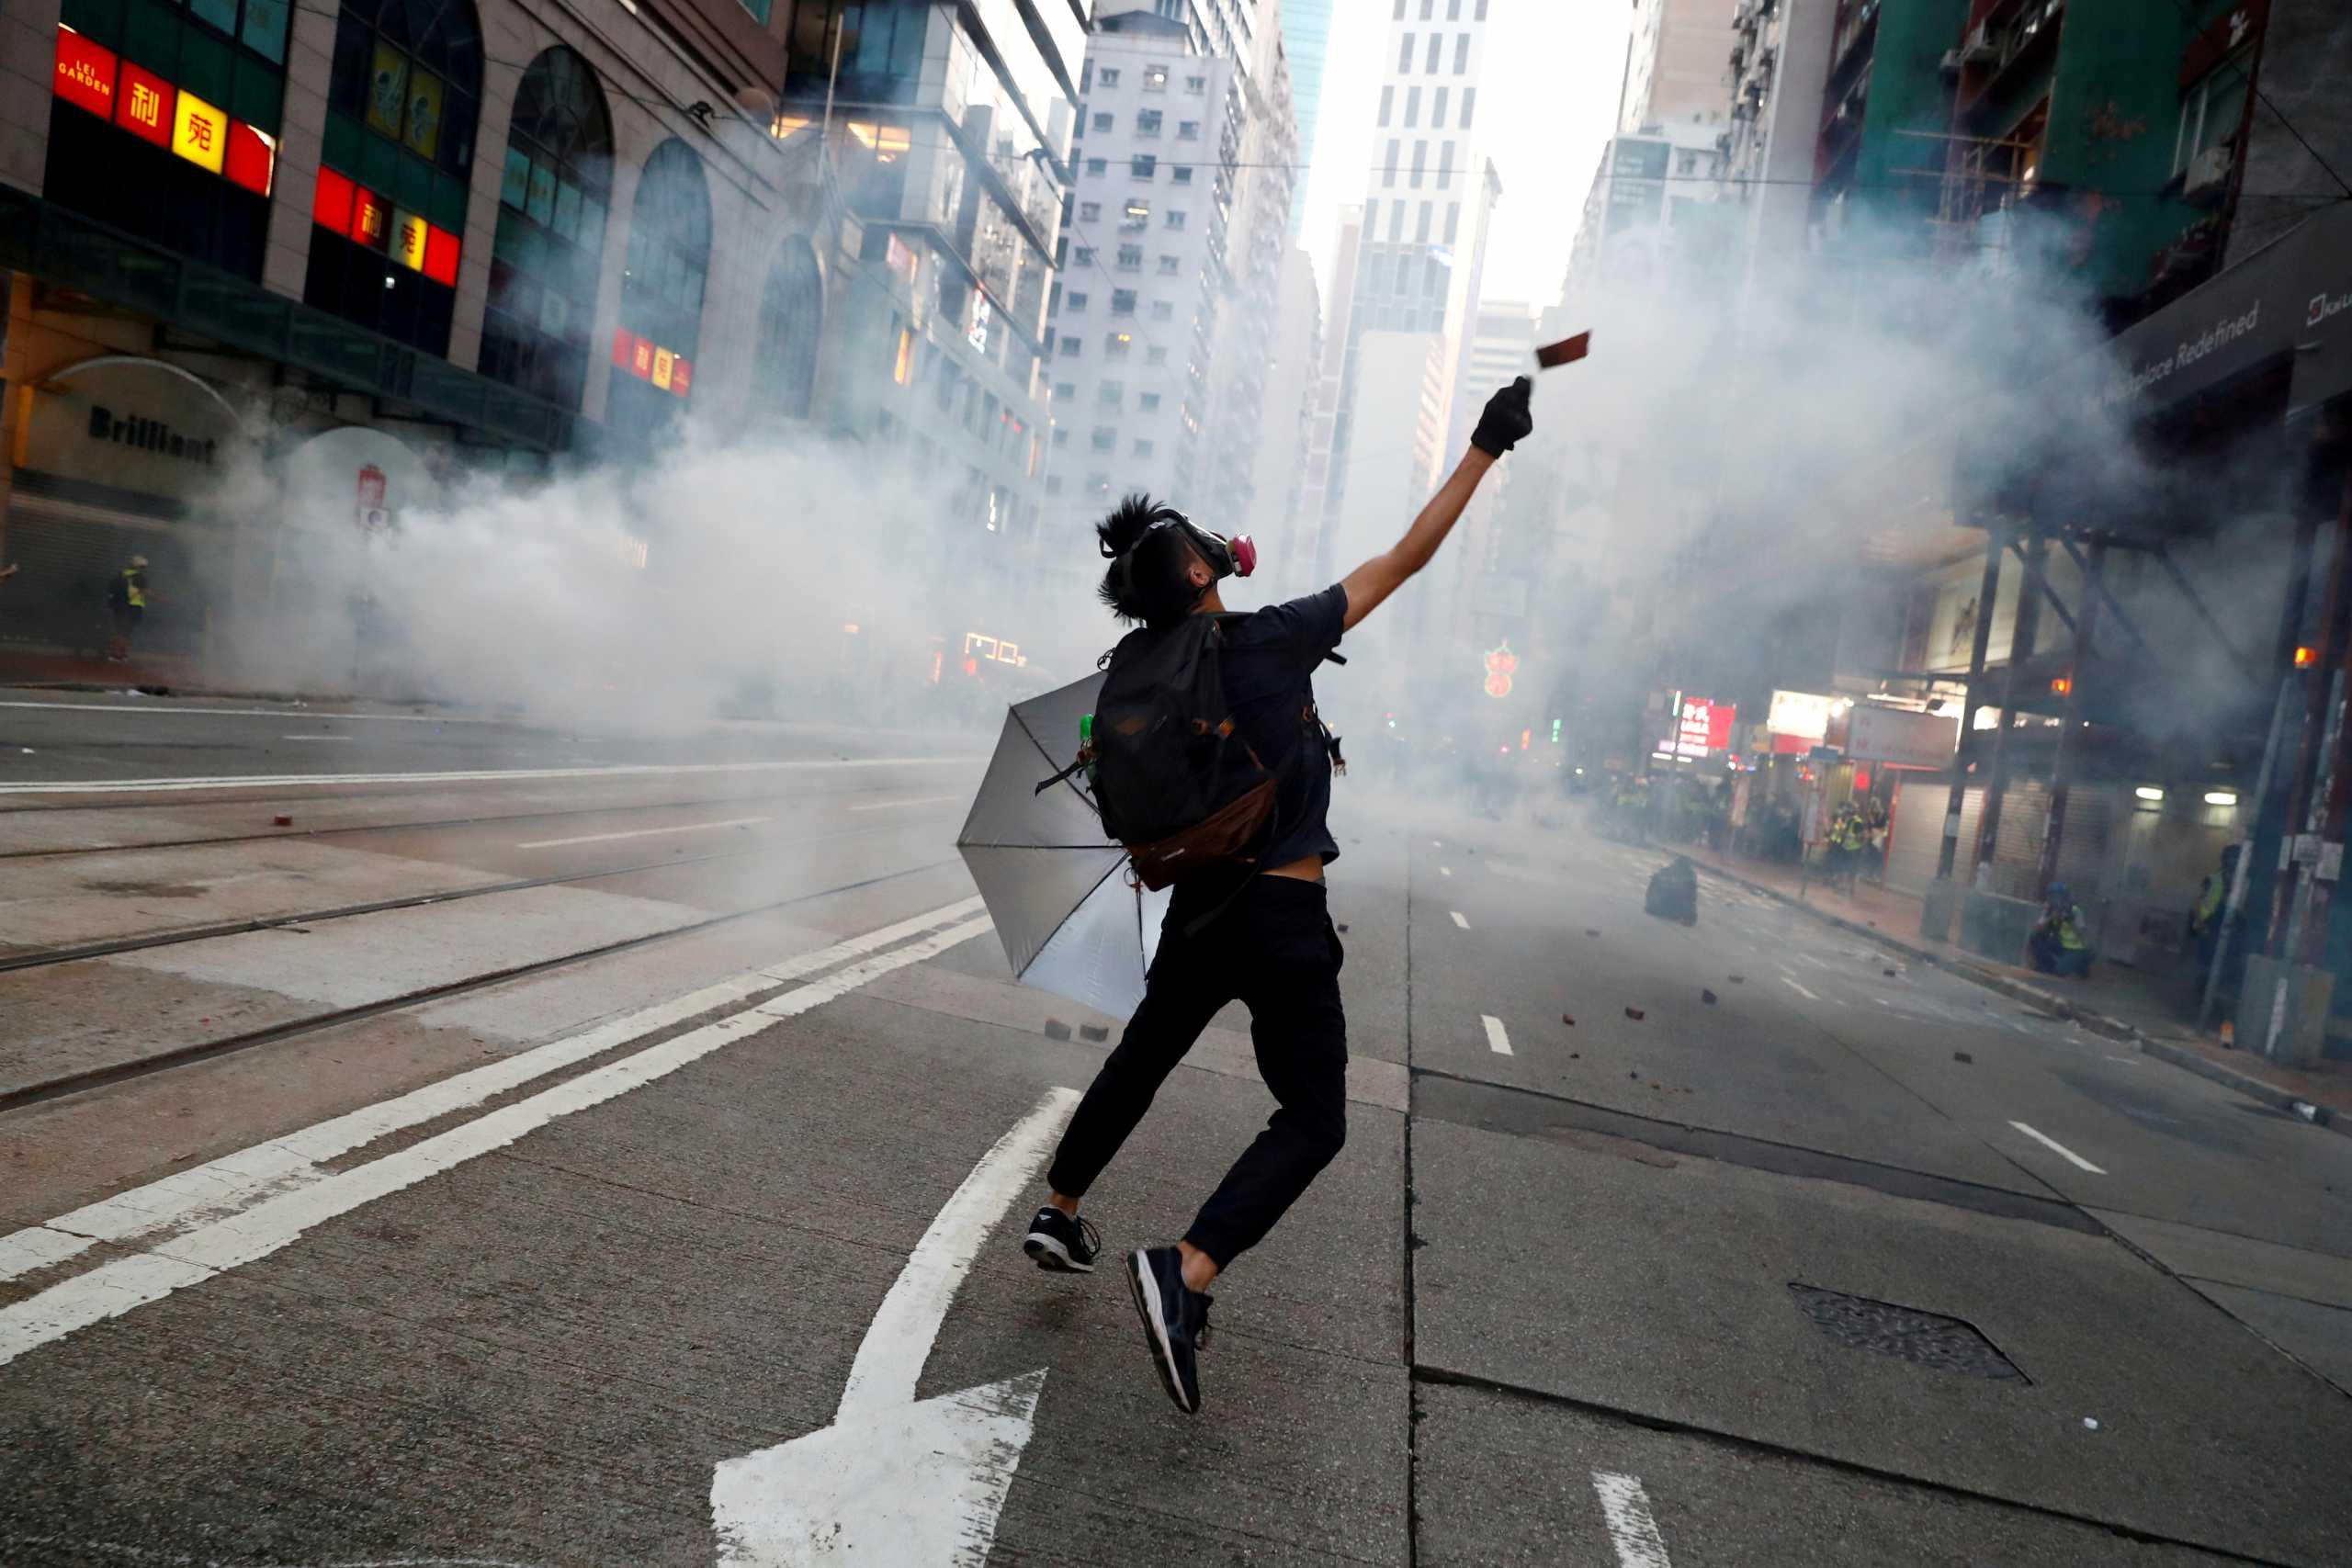 Κίνα:Ξεκινά η δίκη ακτιβιστών από το Χονγκ Κονγκ που προσπάθησαν να διαφύγουν με πλοίο